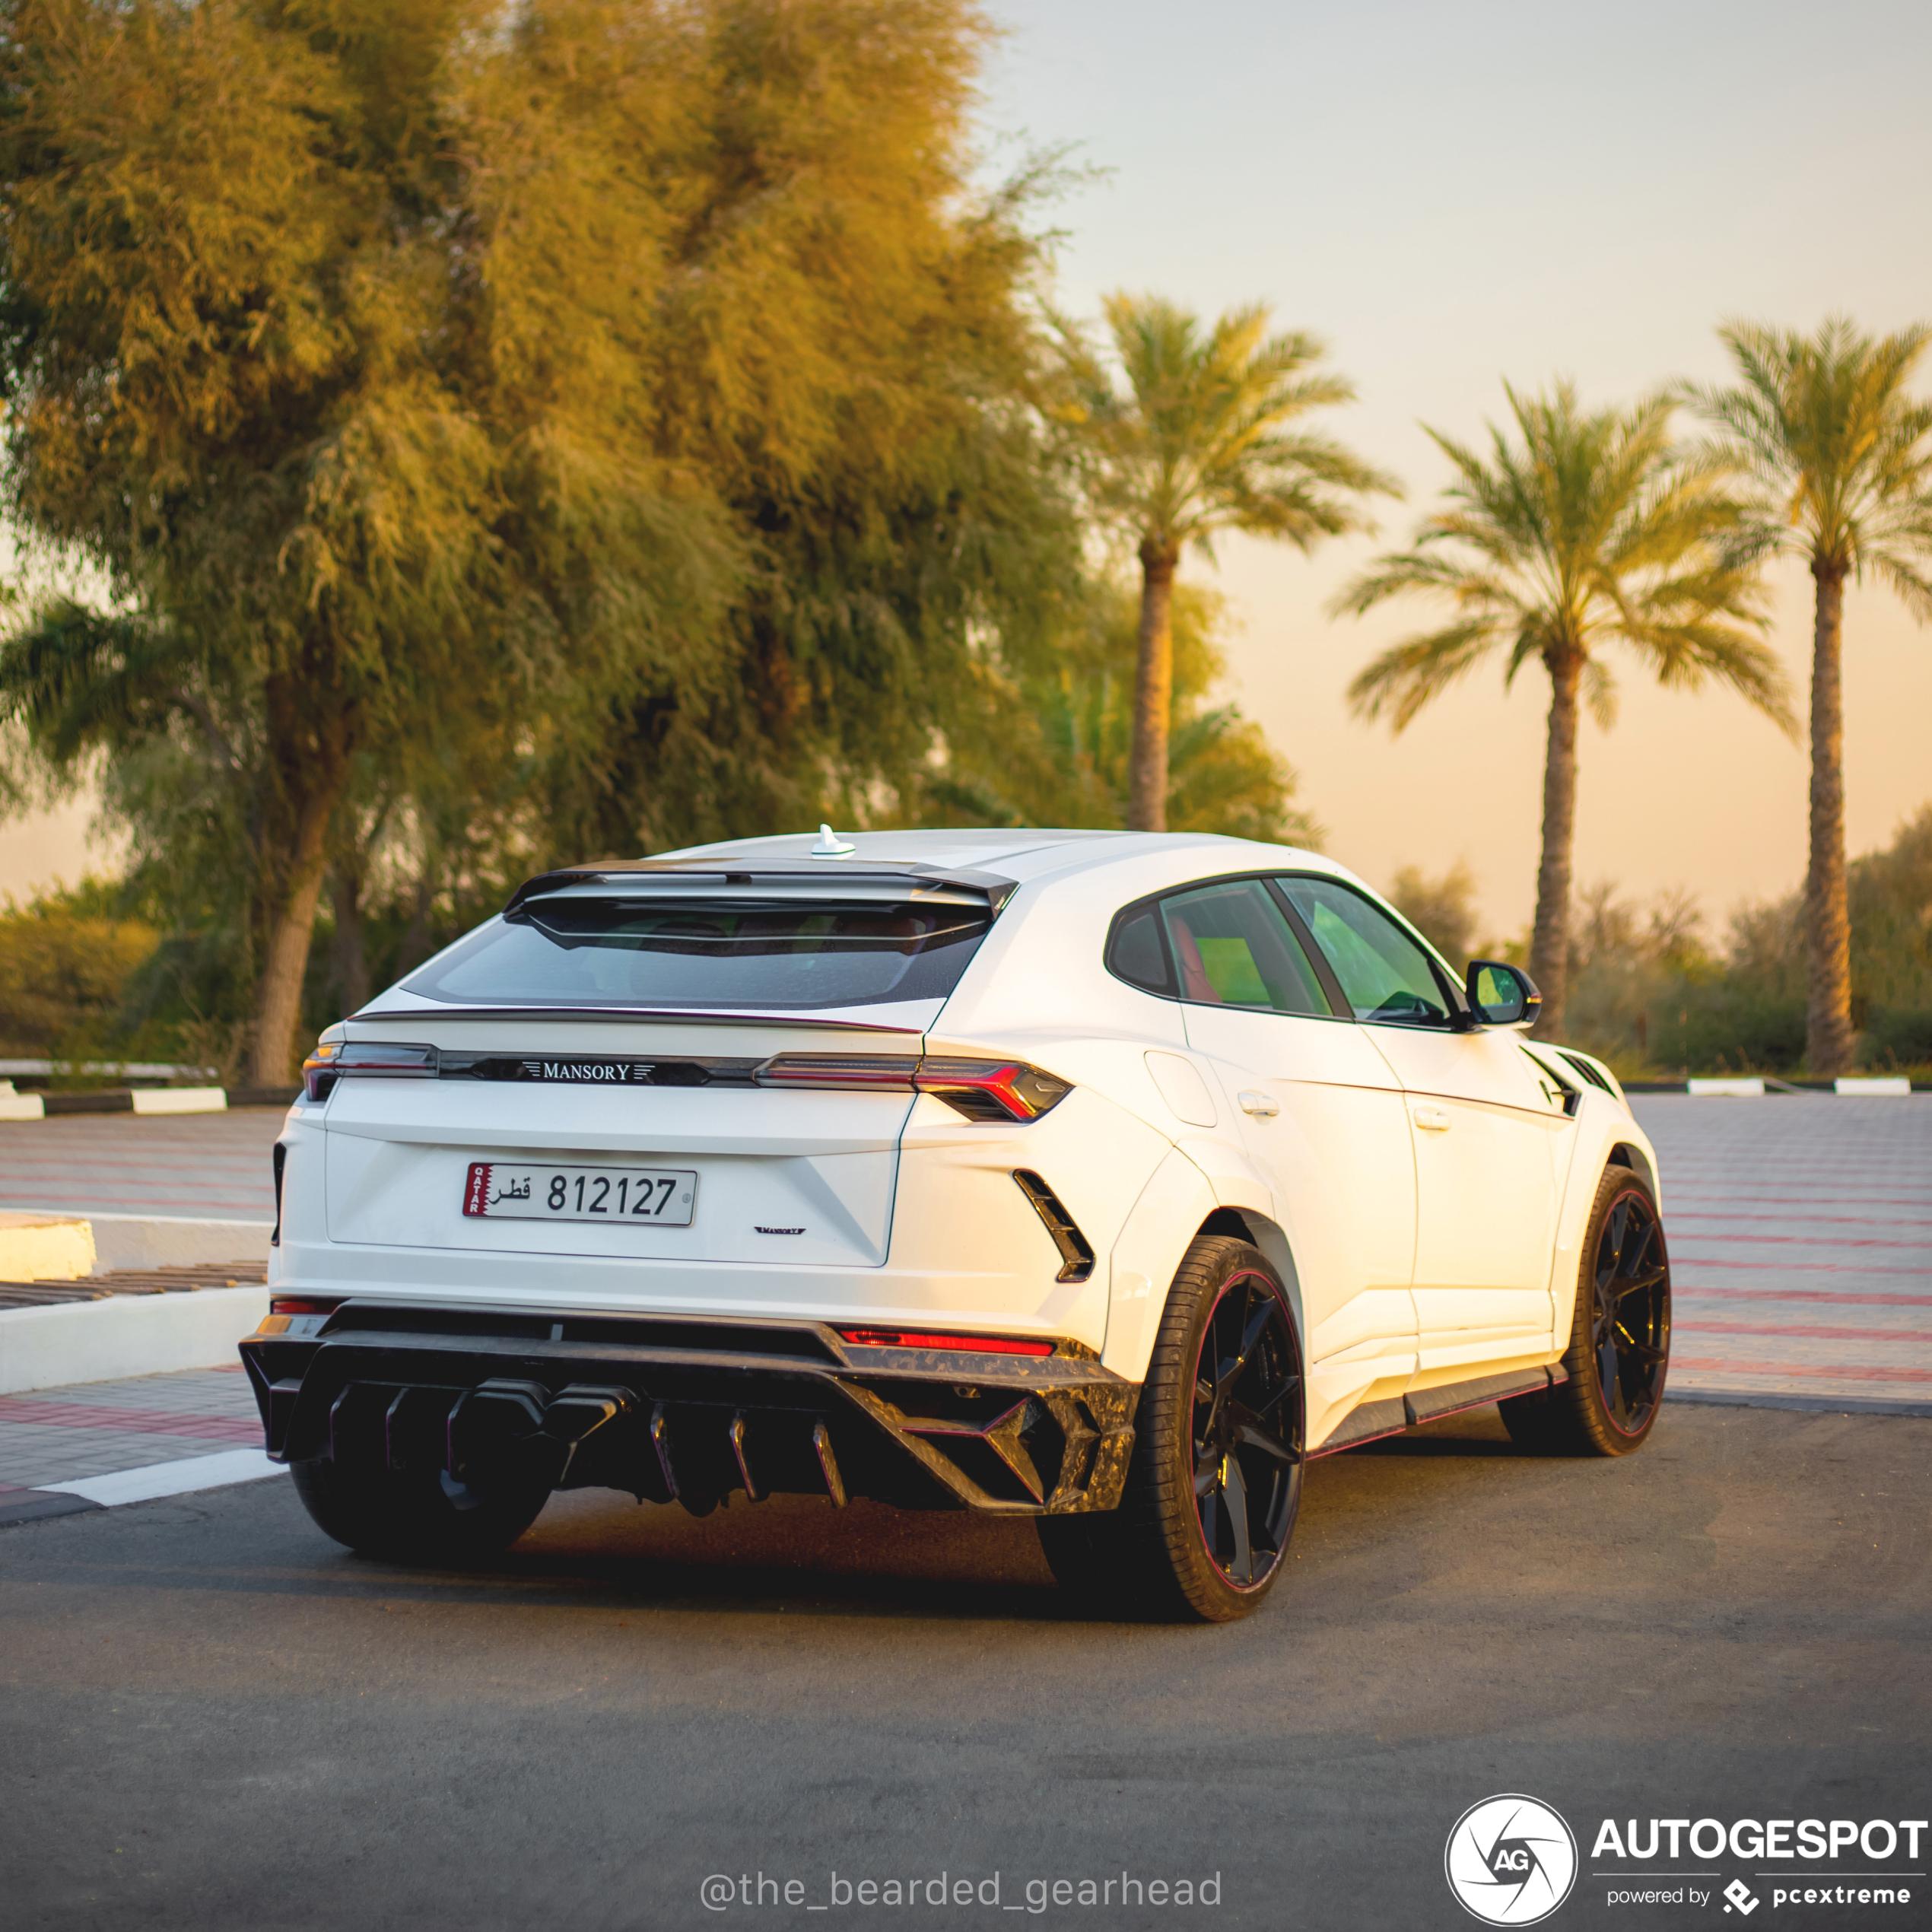 Lamborghini Urus Mansory Venatus shows up in Qatar